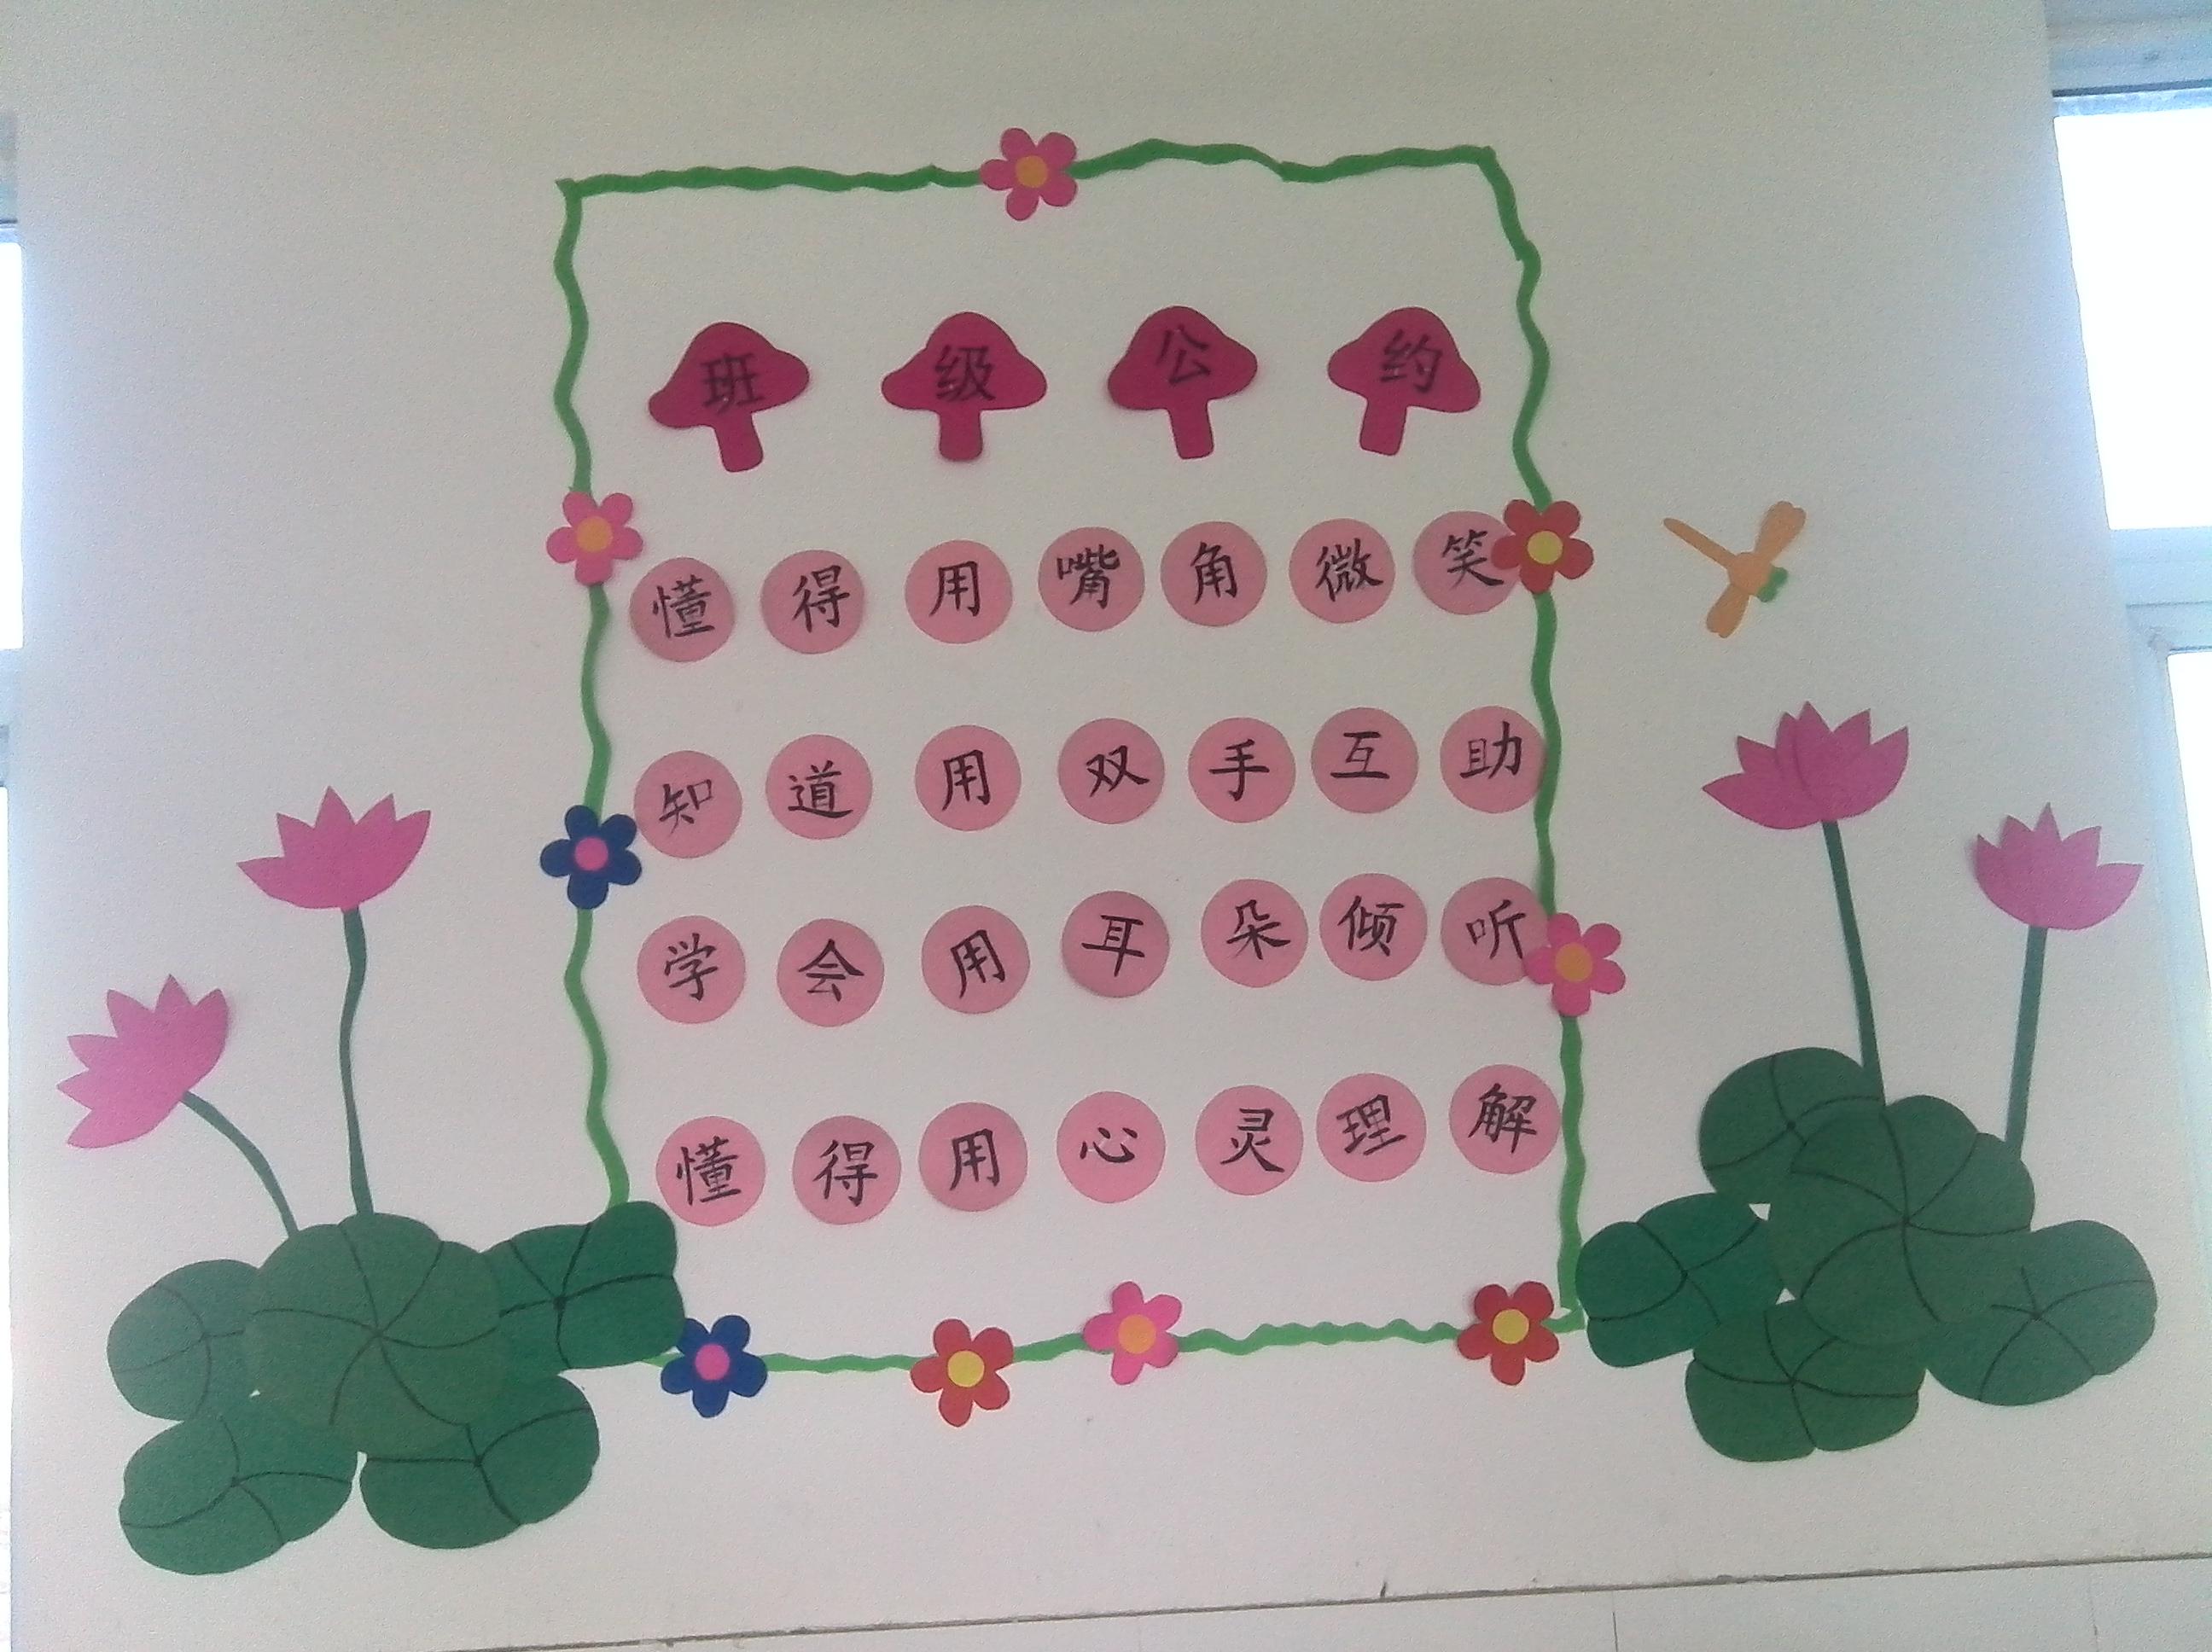 尚店镇回族文化公约墙之班级小学小学黄浦区上海市v文化图片